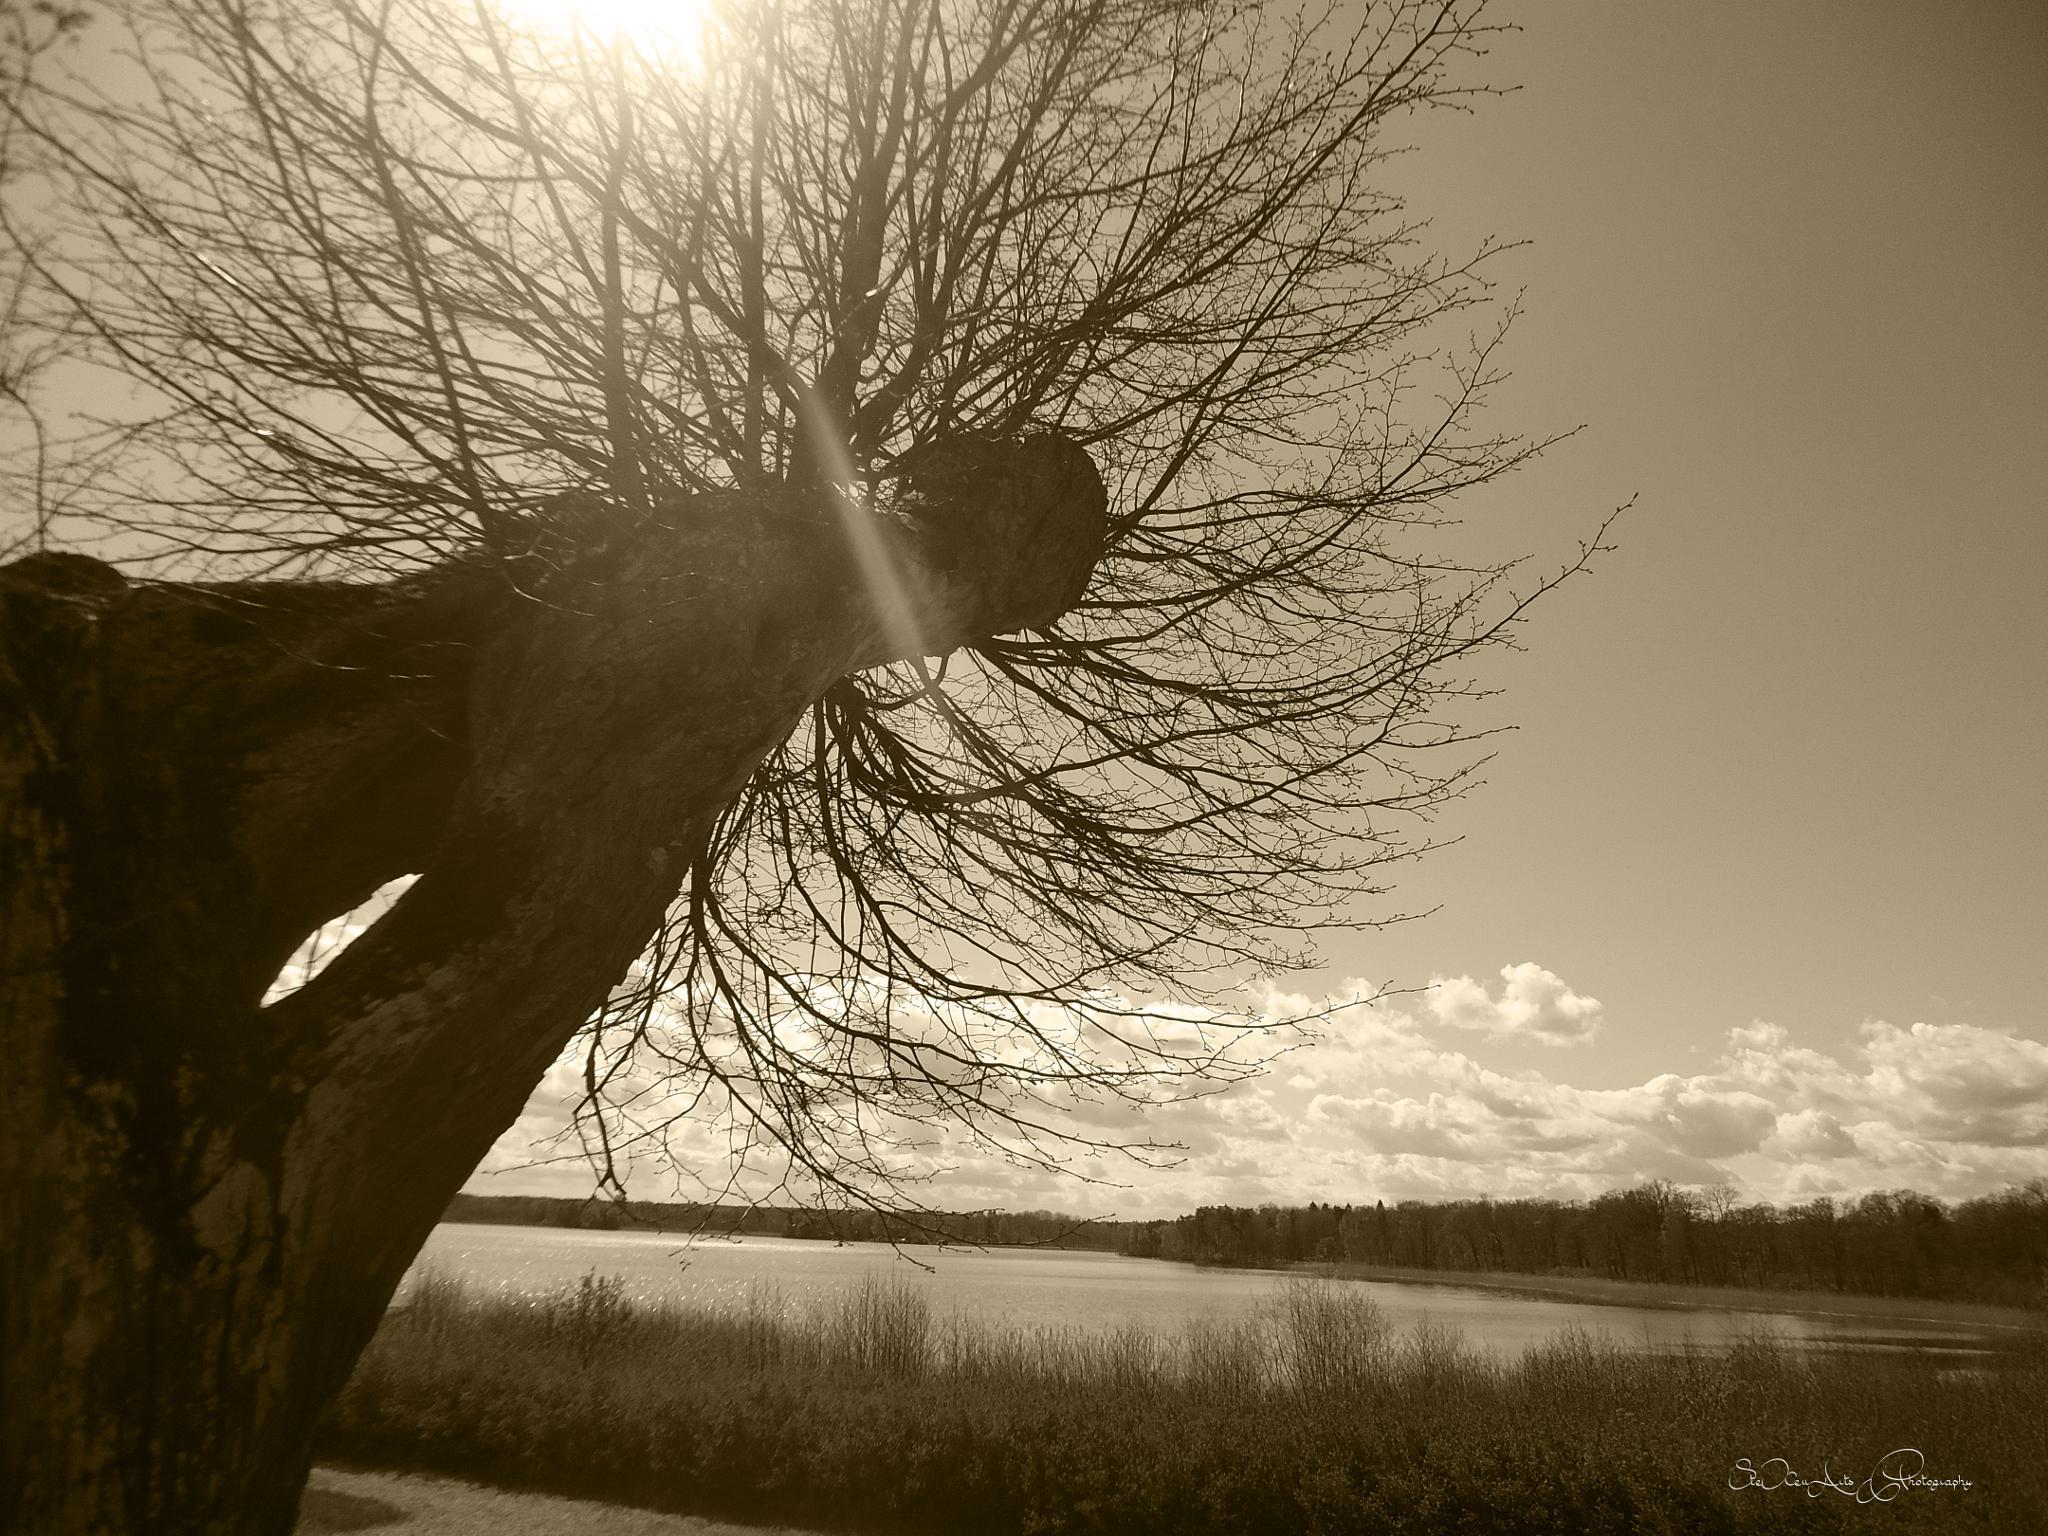 lake by Sanna